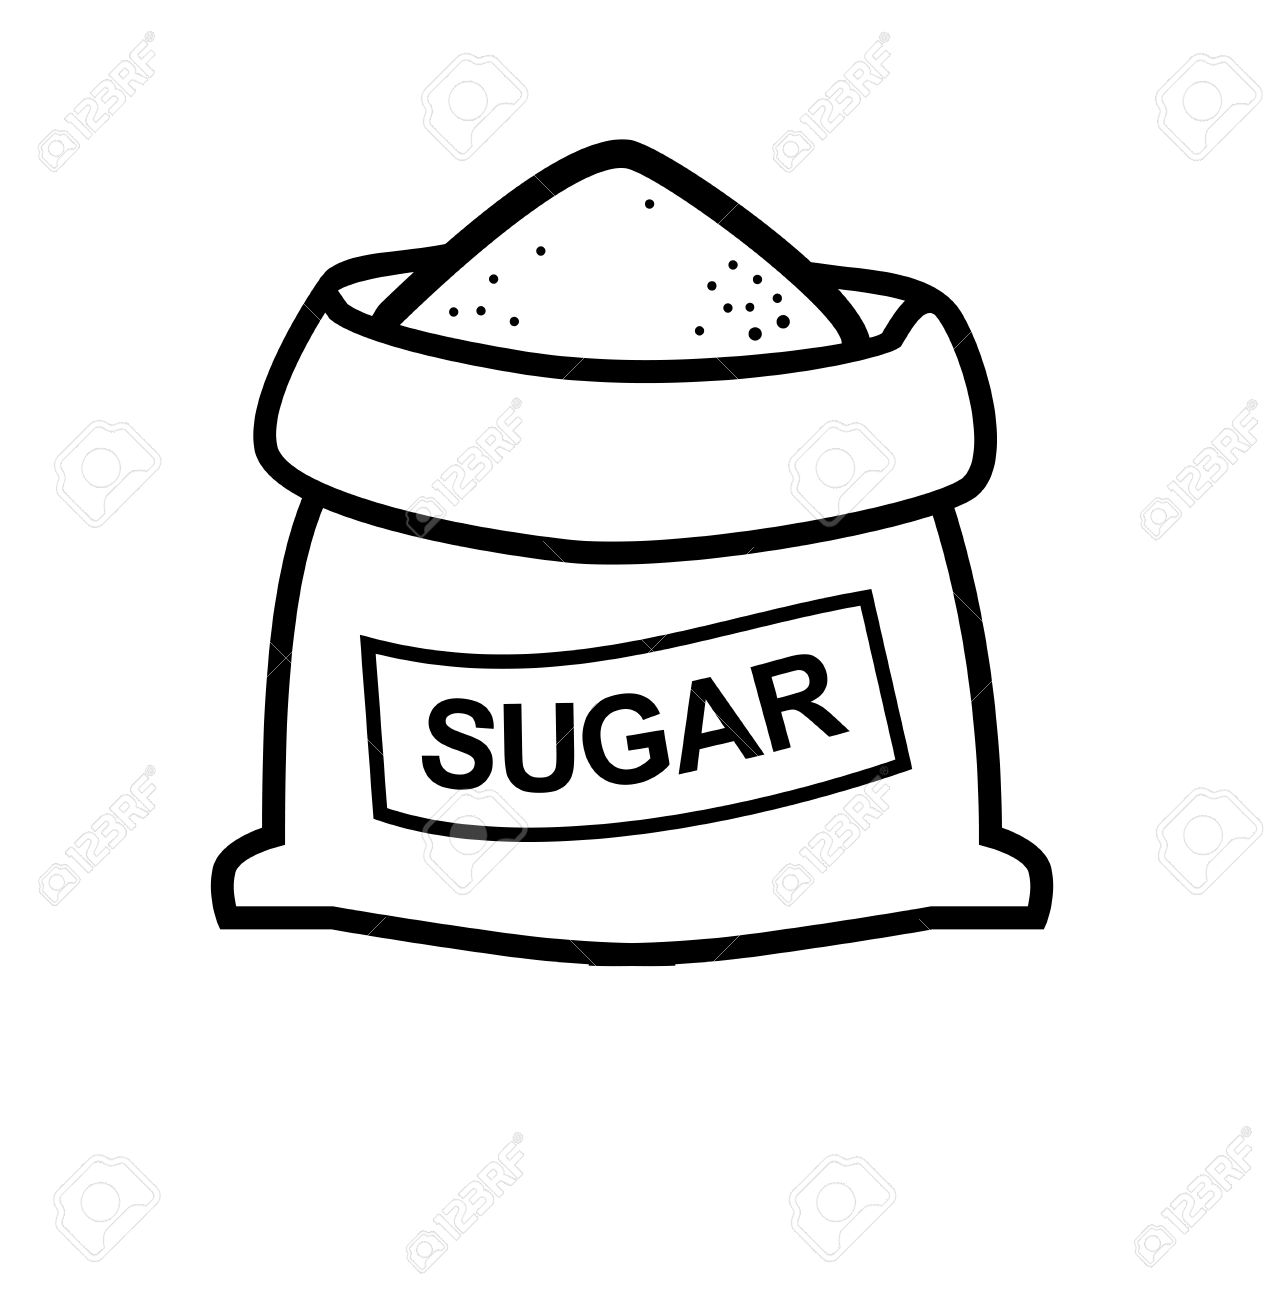 Sugar Clip Art Free.